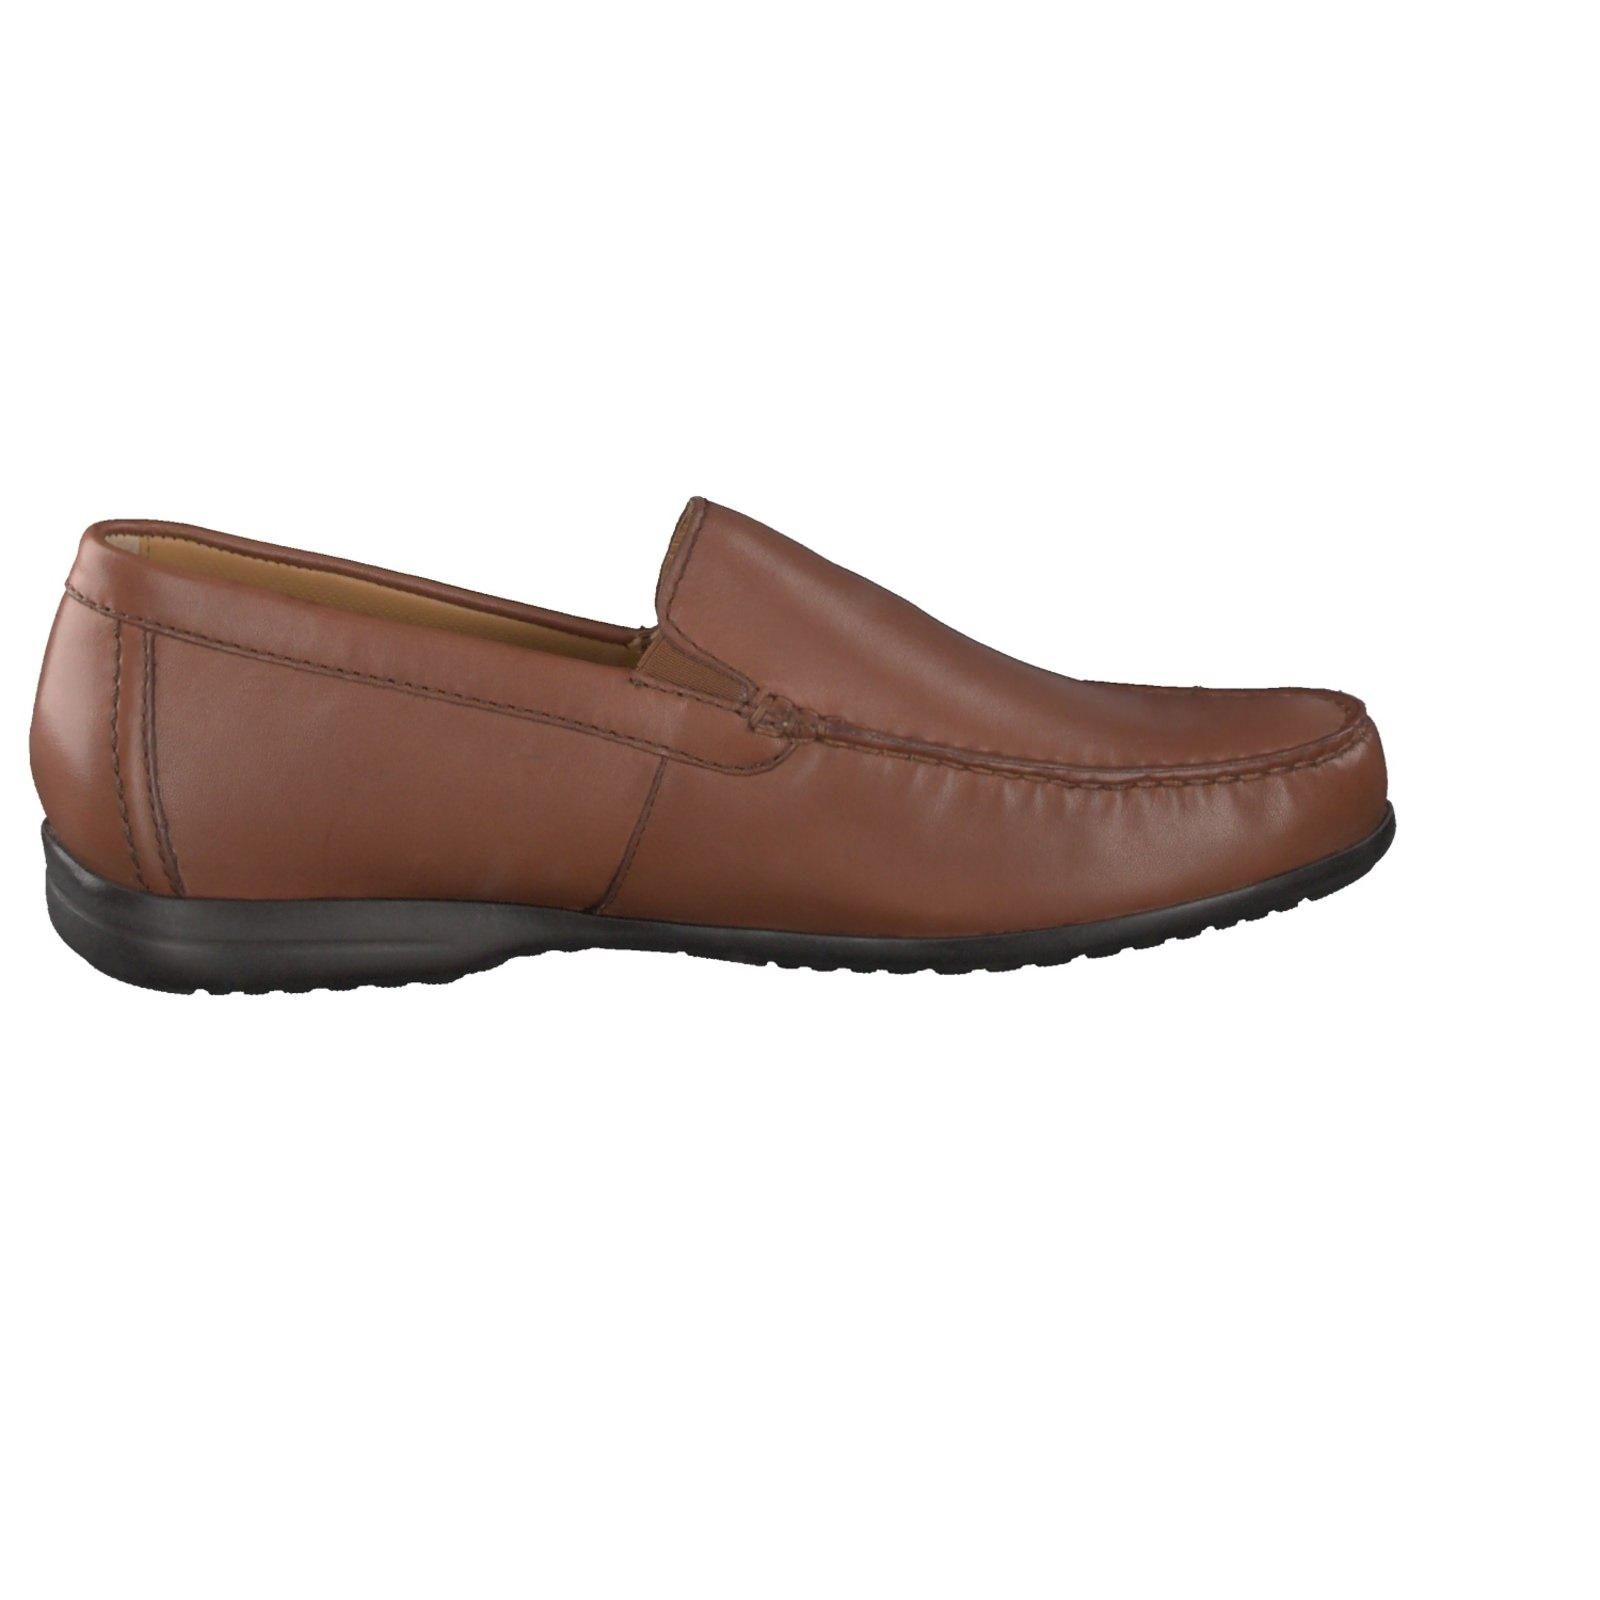 Sioux Herren Slipper in cognac kaufen   Zumnorde Online-Shop 0771ab58df